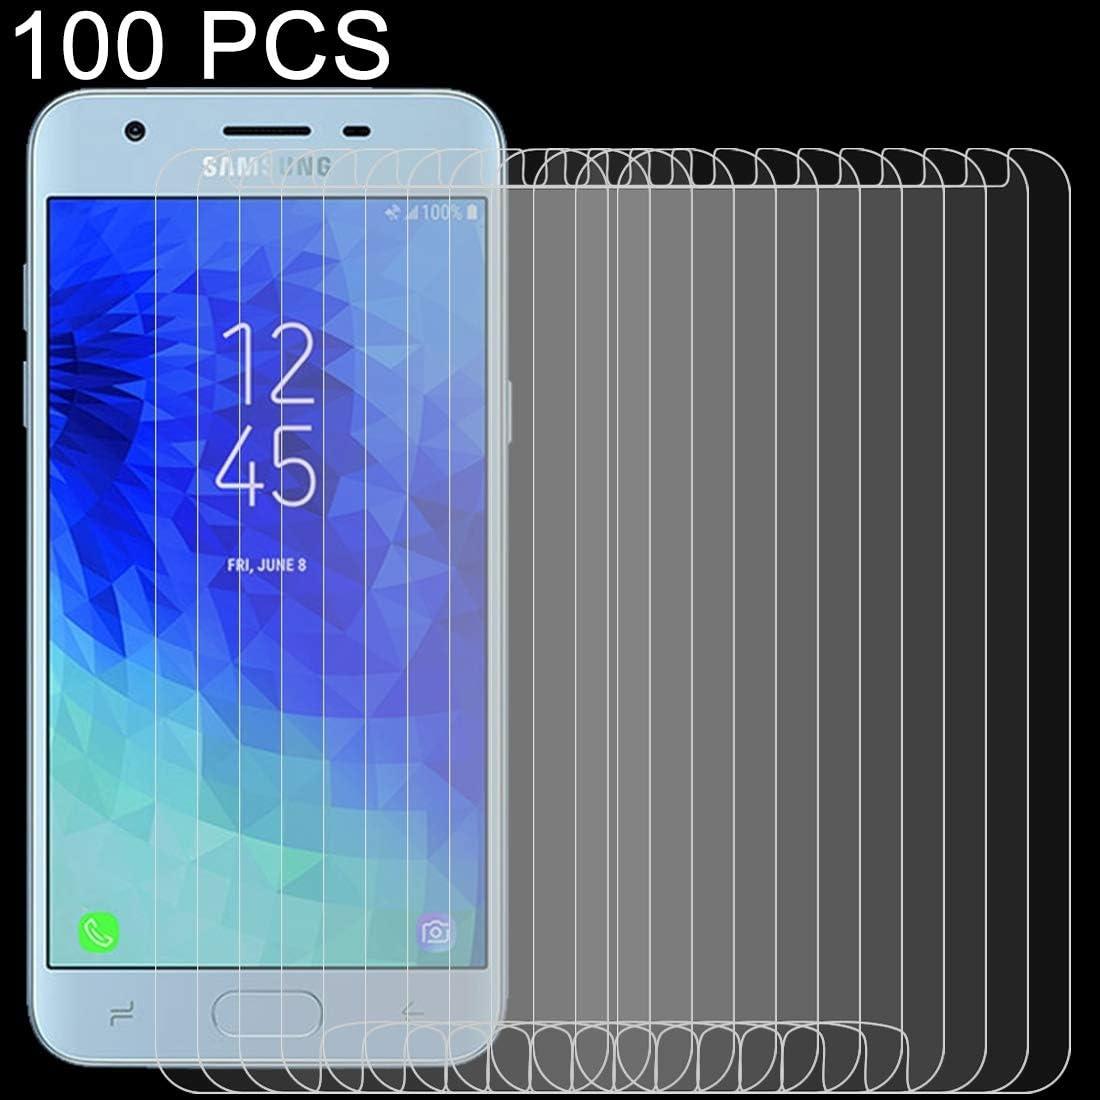 Anti-Scratch Screen Protector 2018 Premium Tempered Glass Screen Film 100PCS 9H 2.5D Tempered Glass Film for Galaxy J3